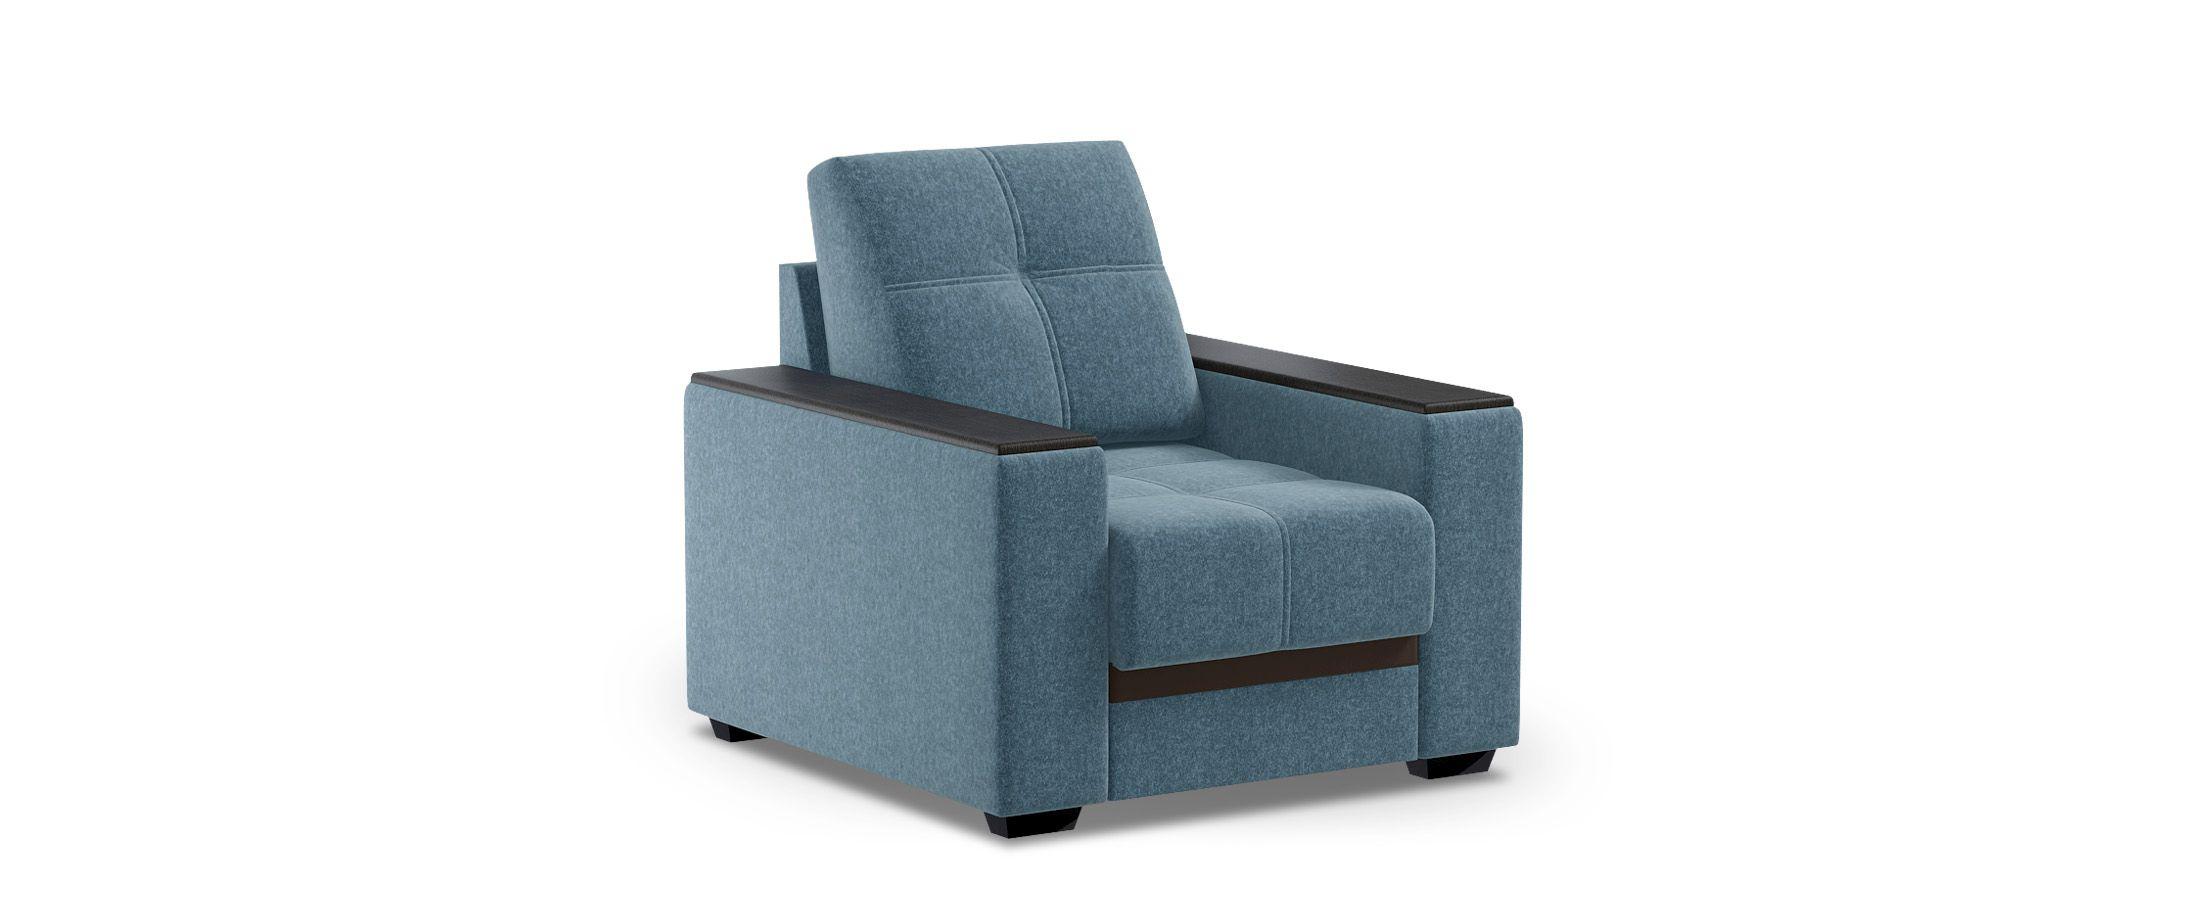 Кресло тканевое Атланта 066Купить синее кресло Атланта. Материал обивки - велюр, экокожа. Подлокотники цвета венге. Габариты 91х98х90 см. Доставим от 1 дня, поднимем и соберём.<br>